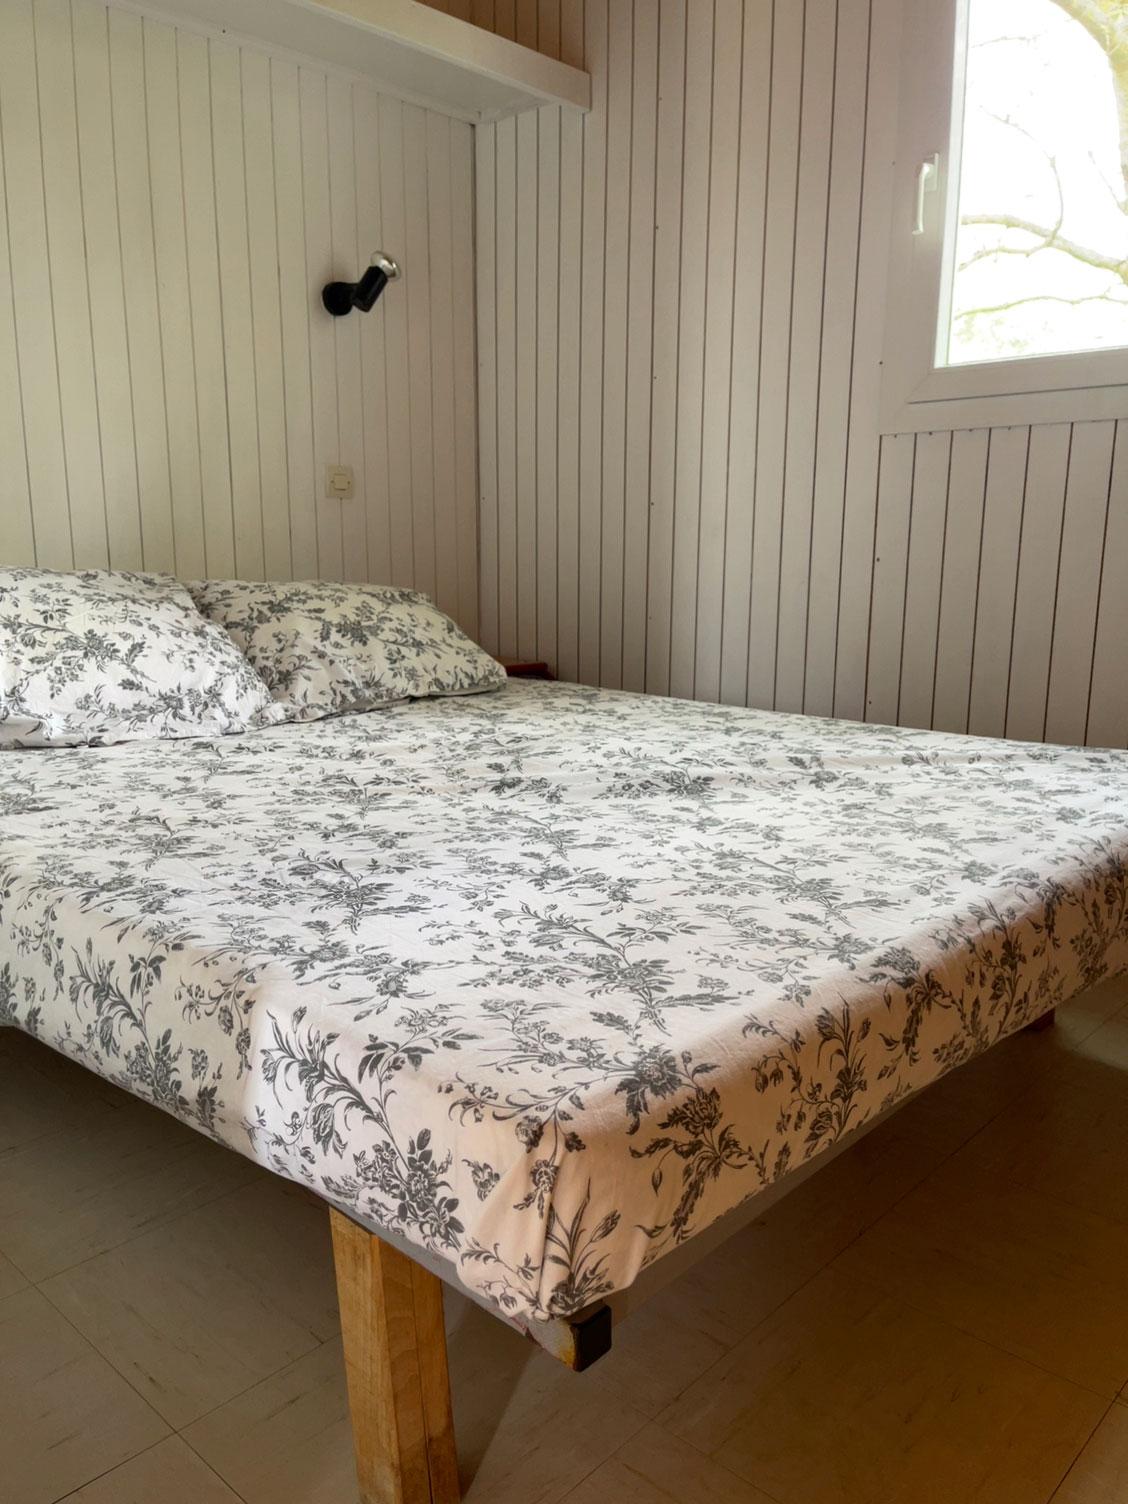 galerie-photos-location-chalet-camping-5-personnes-chambre-adultes-le-port-de-moricq